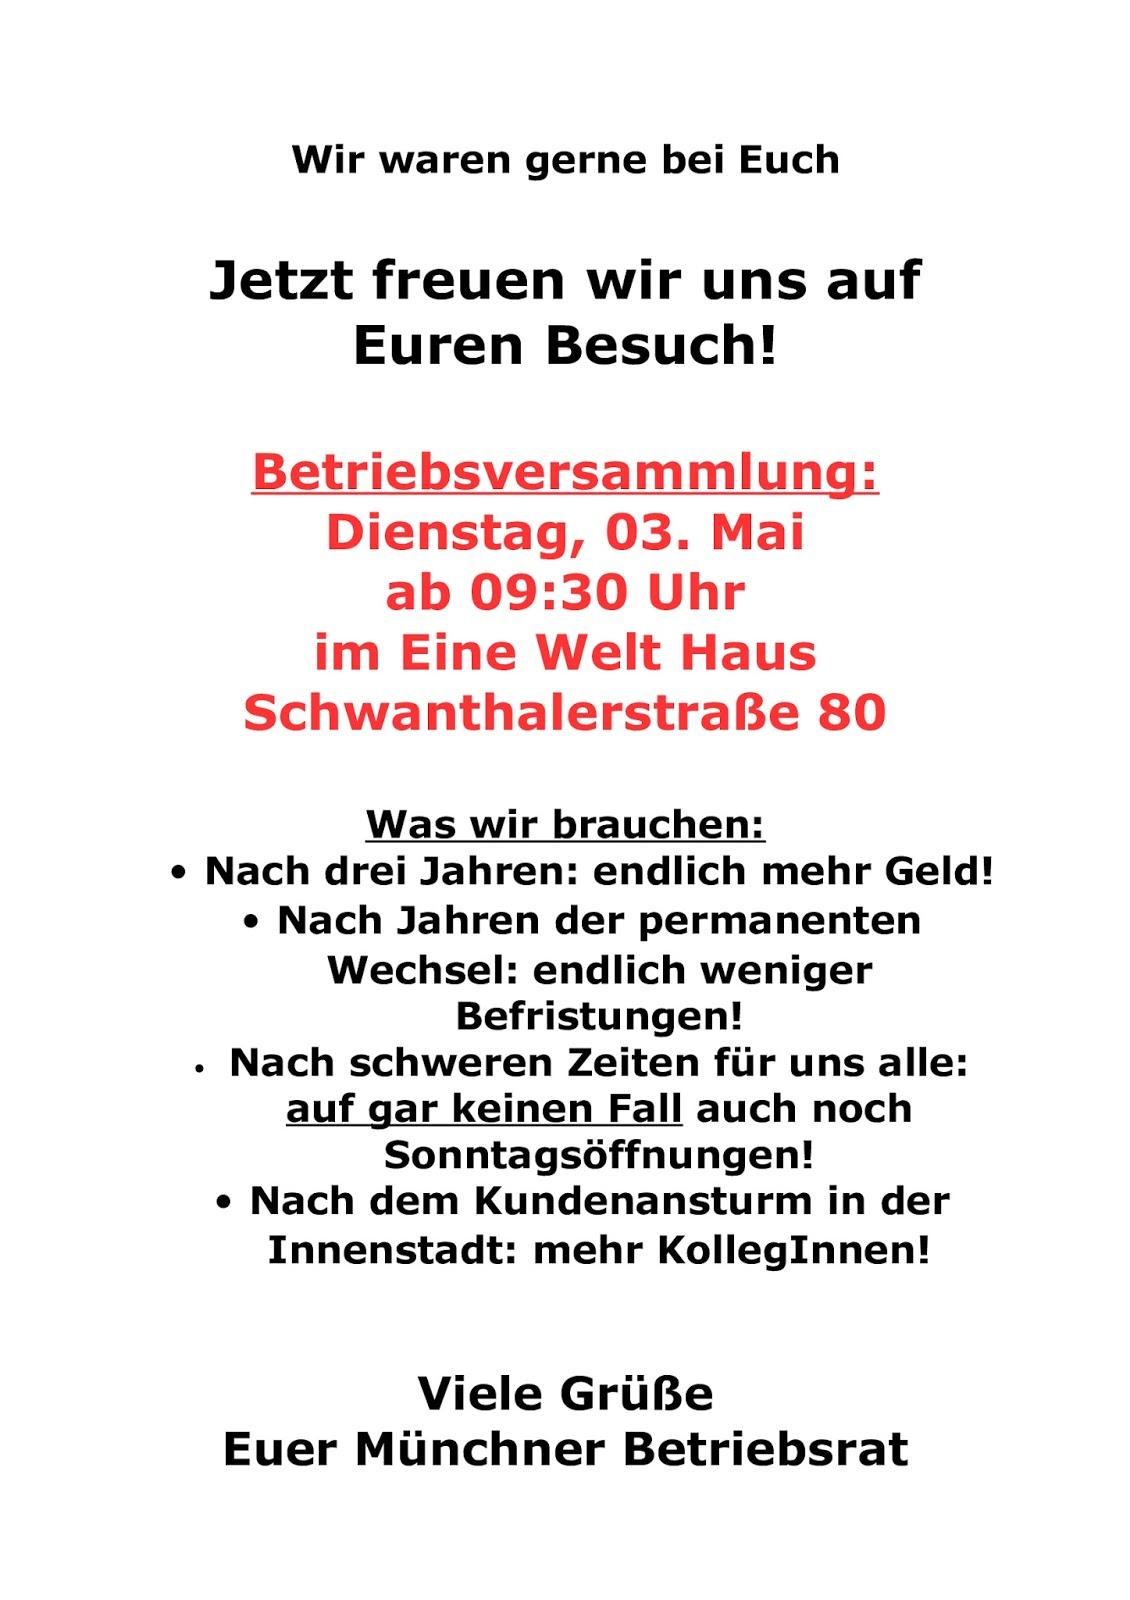 hugendubel verdi infoblog: betriebsversammlung in münchen, Einladung